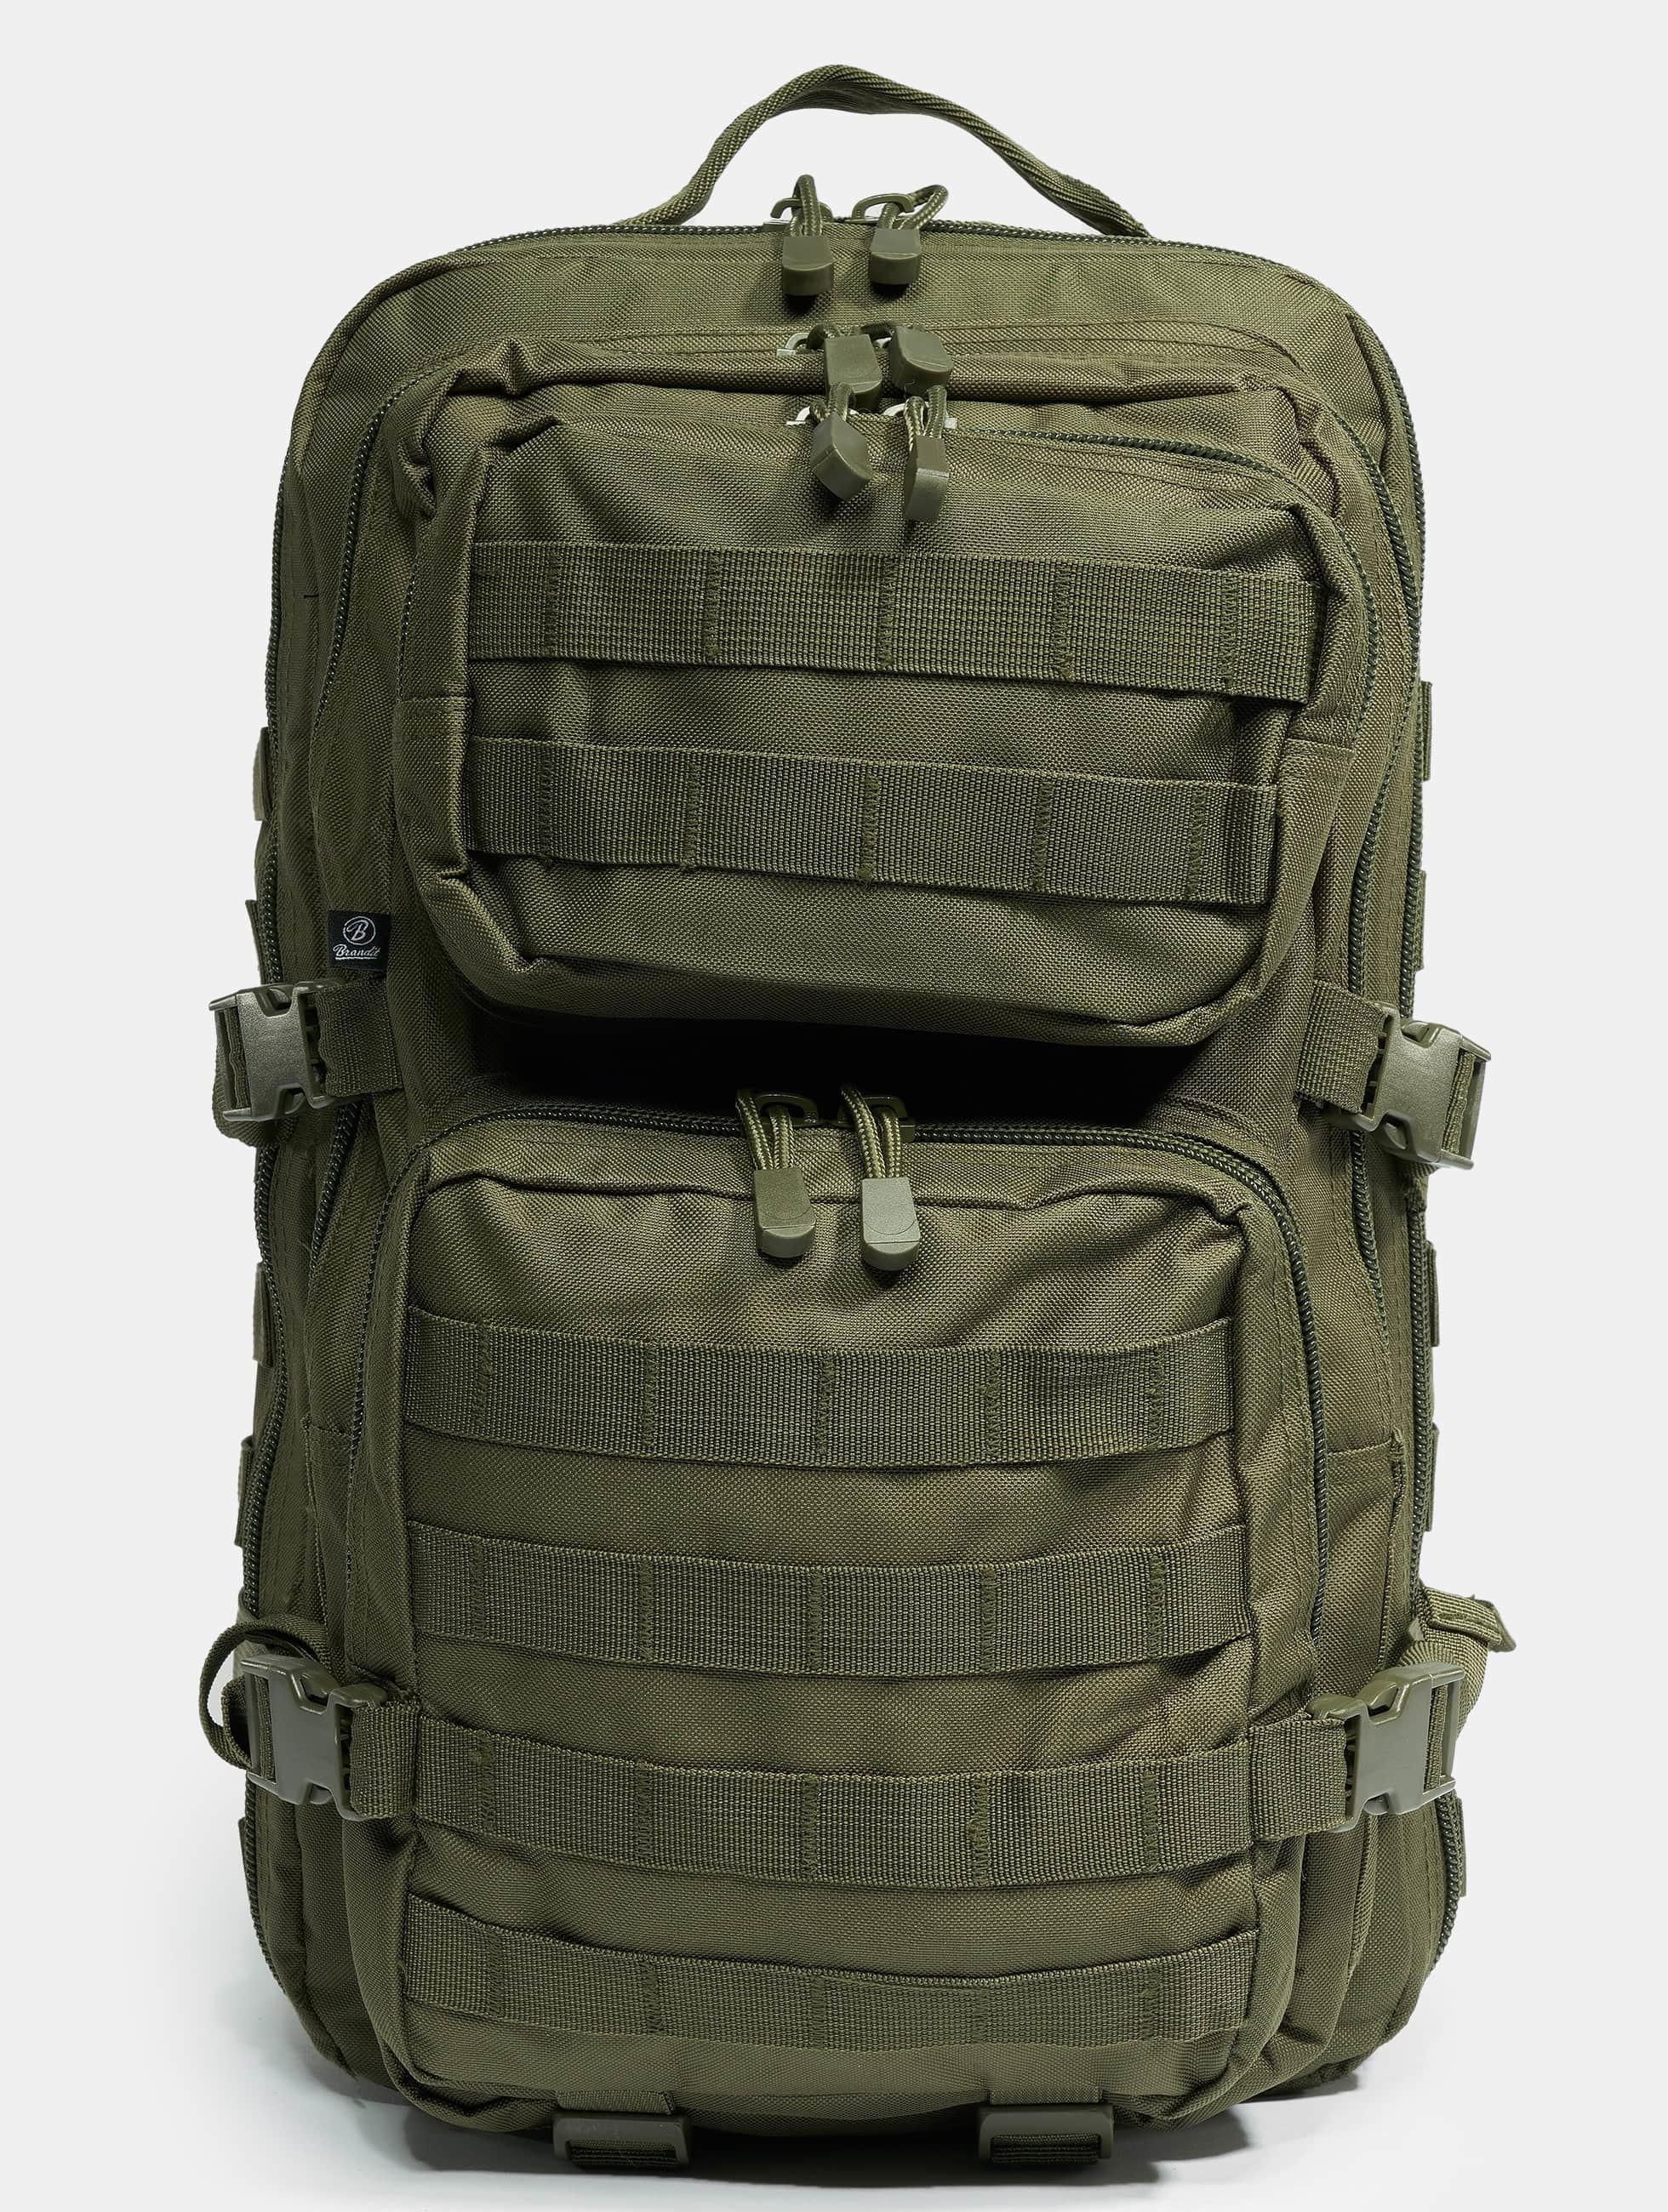 6ffad14fba8 Brandit Accessoires / rugzak US Cooper Large in olijfgroen 562473